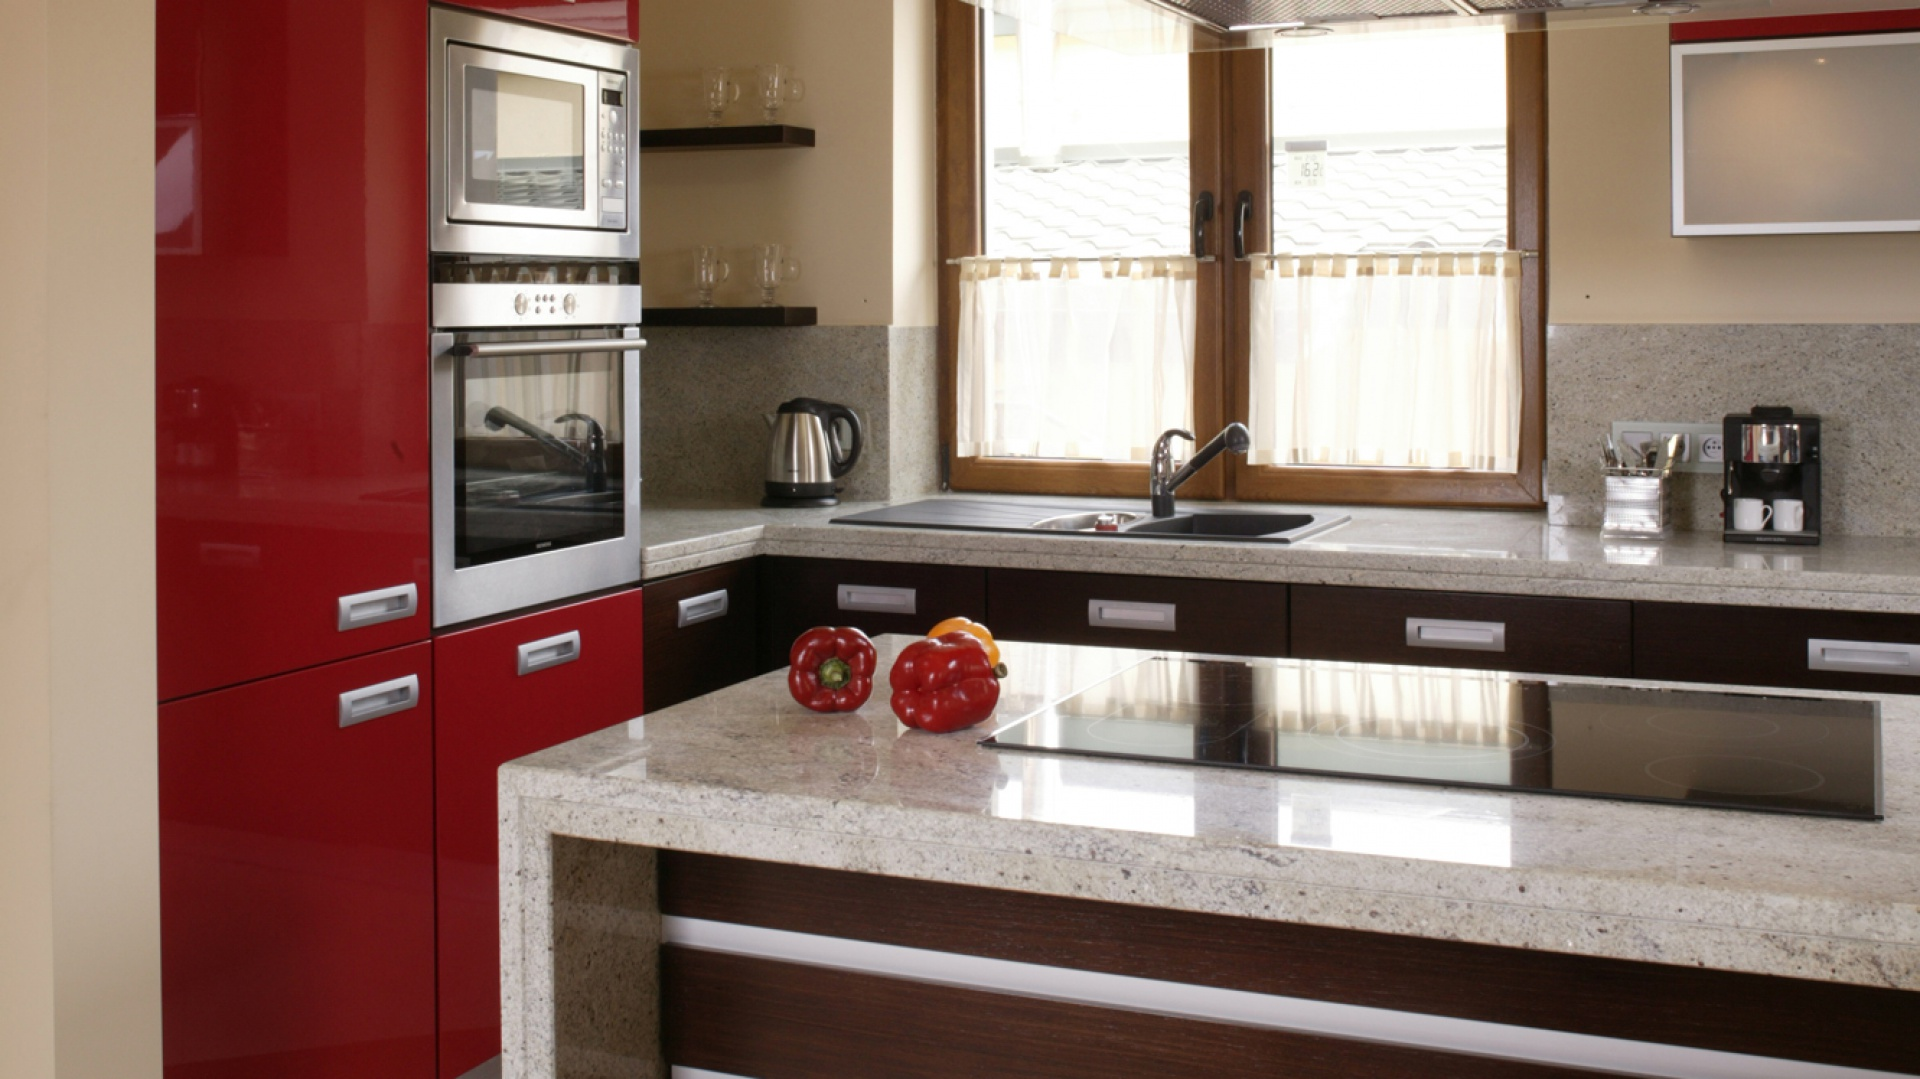 Czerwone Meble W Kuchni Pomysł Na Nowoczesną Aranżację Wnętrza